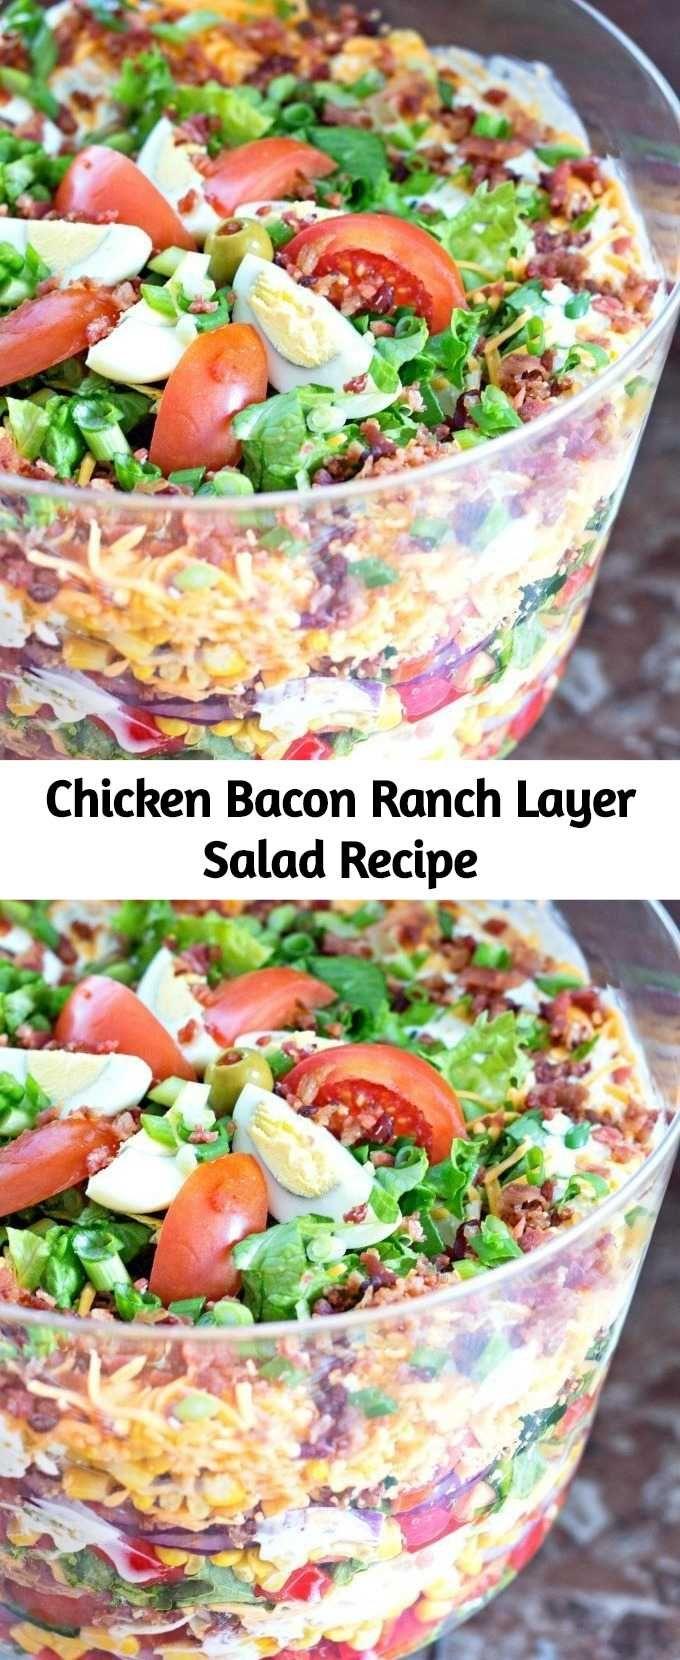 Chicken Bacon Ranch Layer Salad Recipe Mom Secret Ingredients Layered Salad Layered Salad Recipes Chicken Bacon